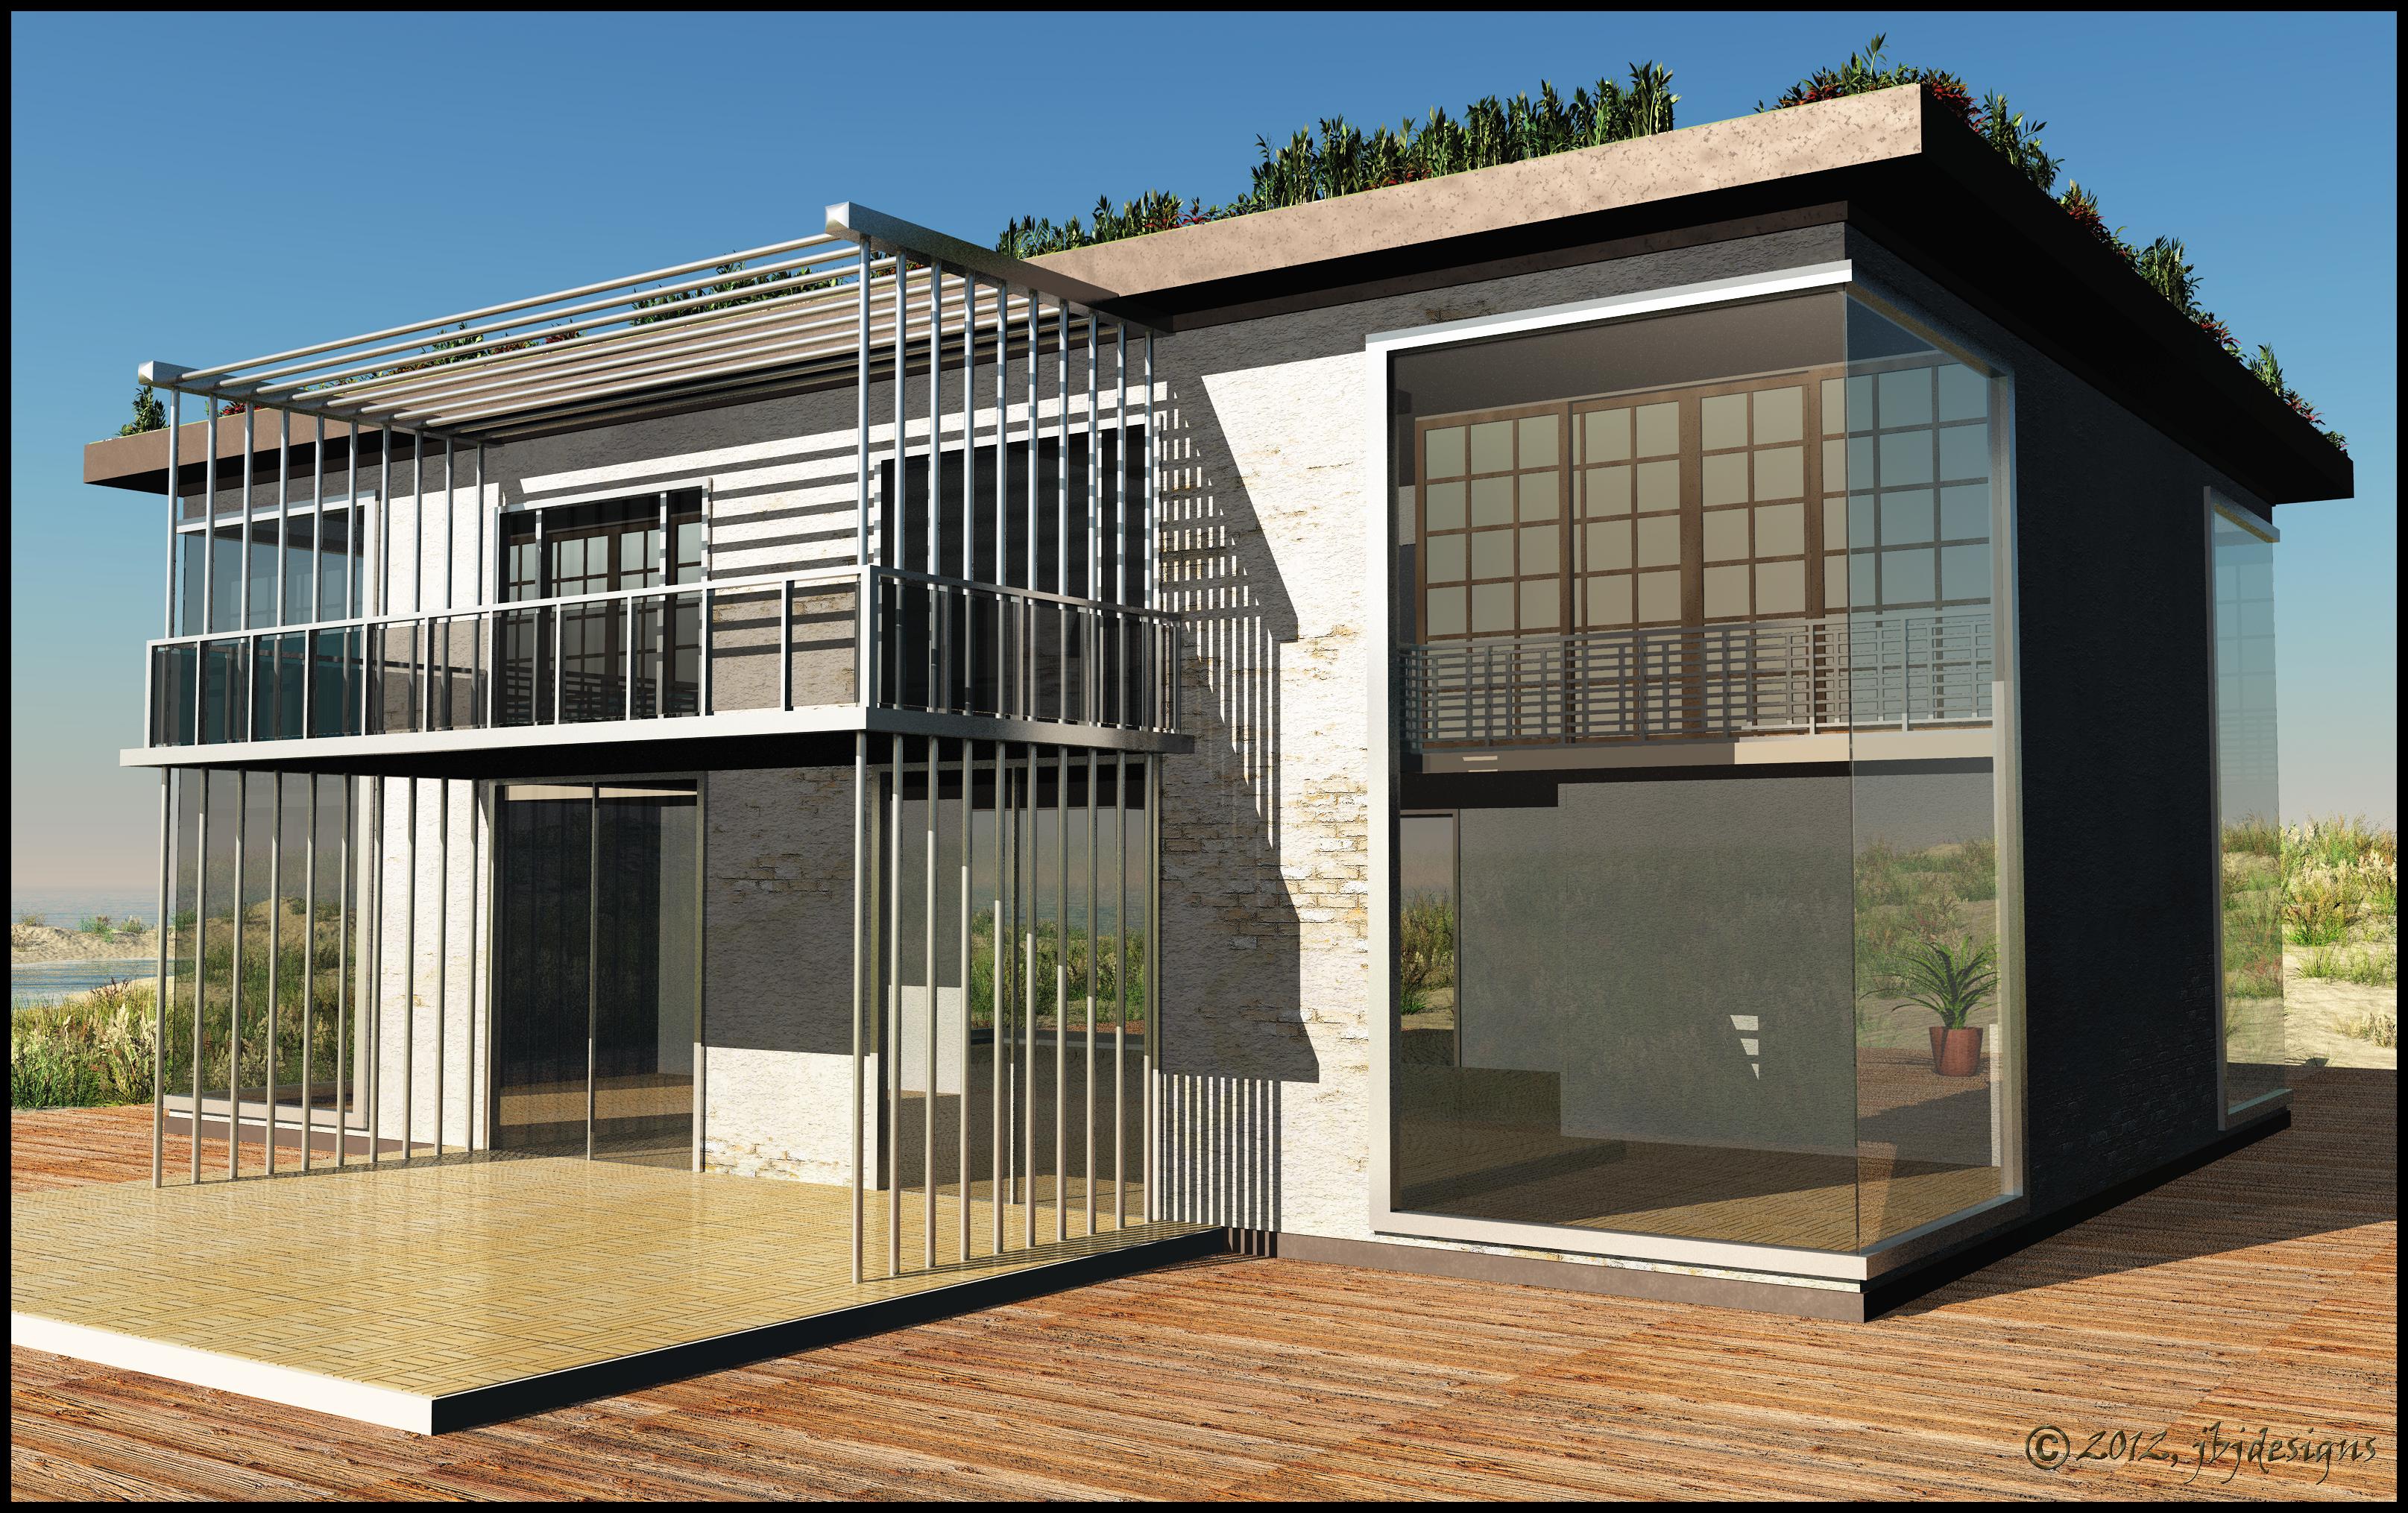 Final contemporary eco friendly beach house iii by for Eco friendly beach house designs